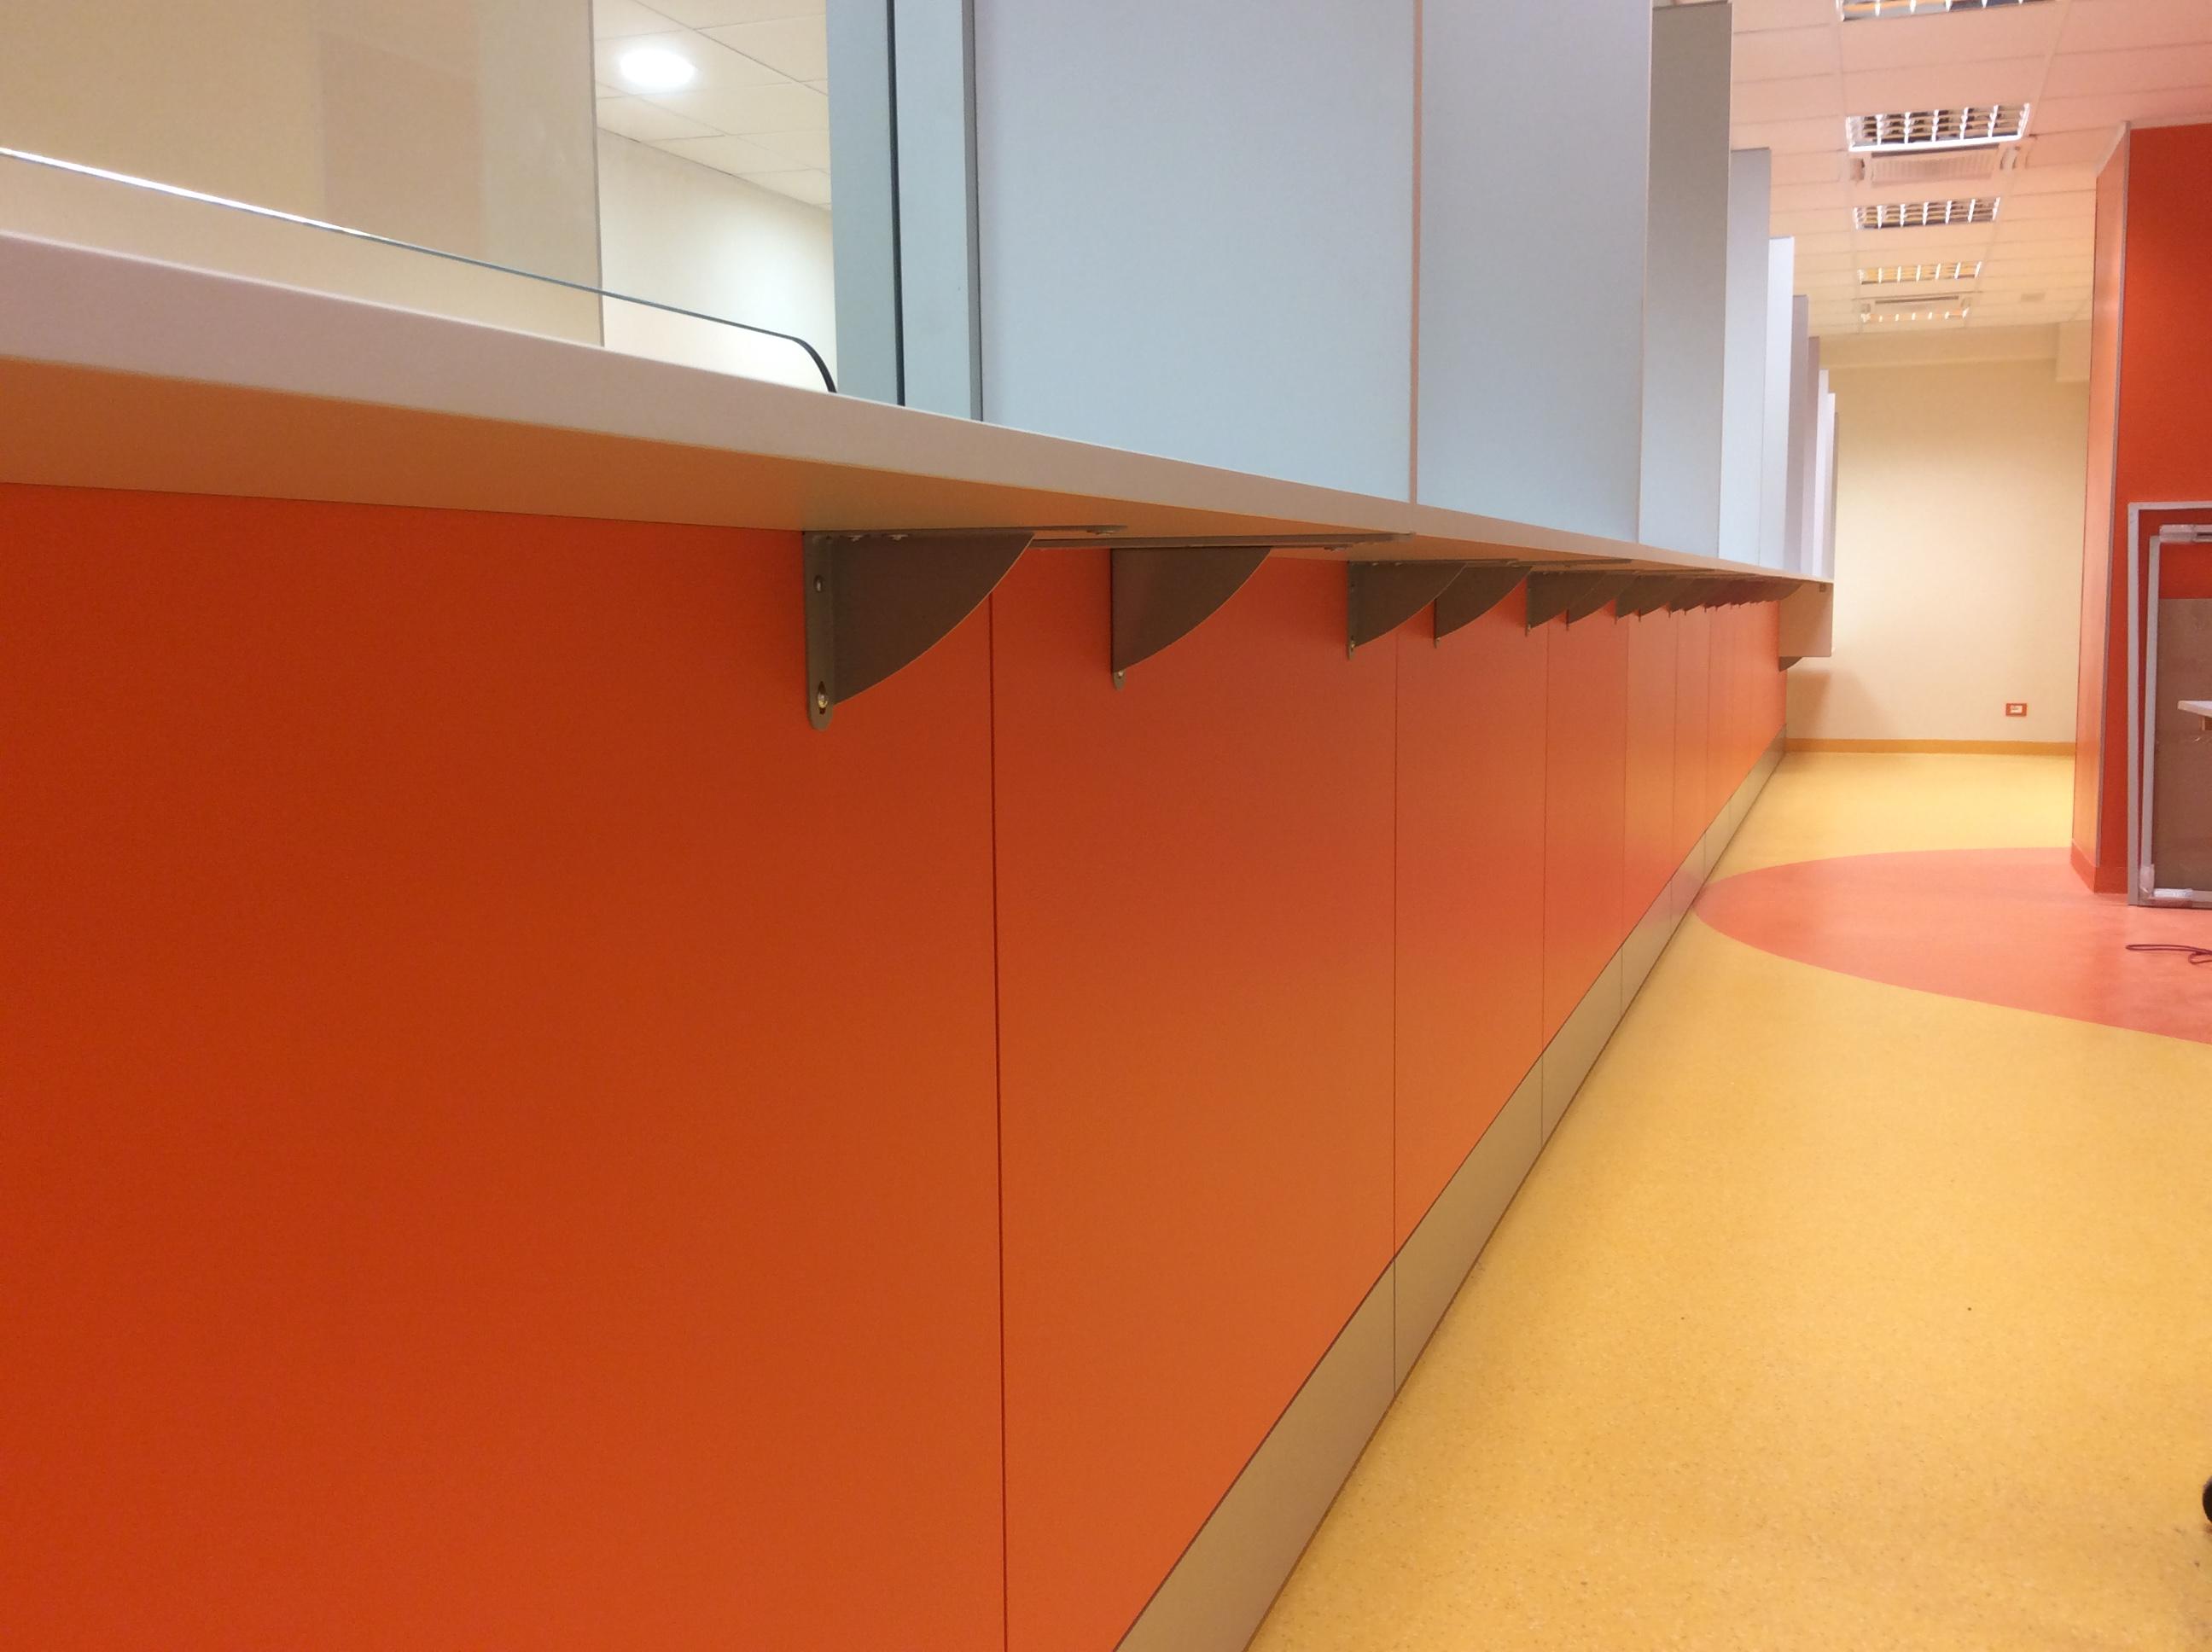 15 Dettaglio parete attrezzata accettazione cup ospedale - Riganelli Arredamenti